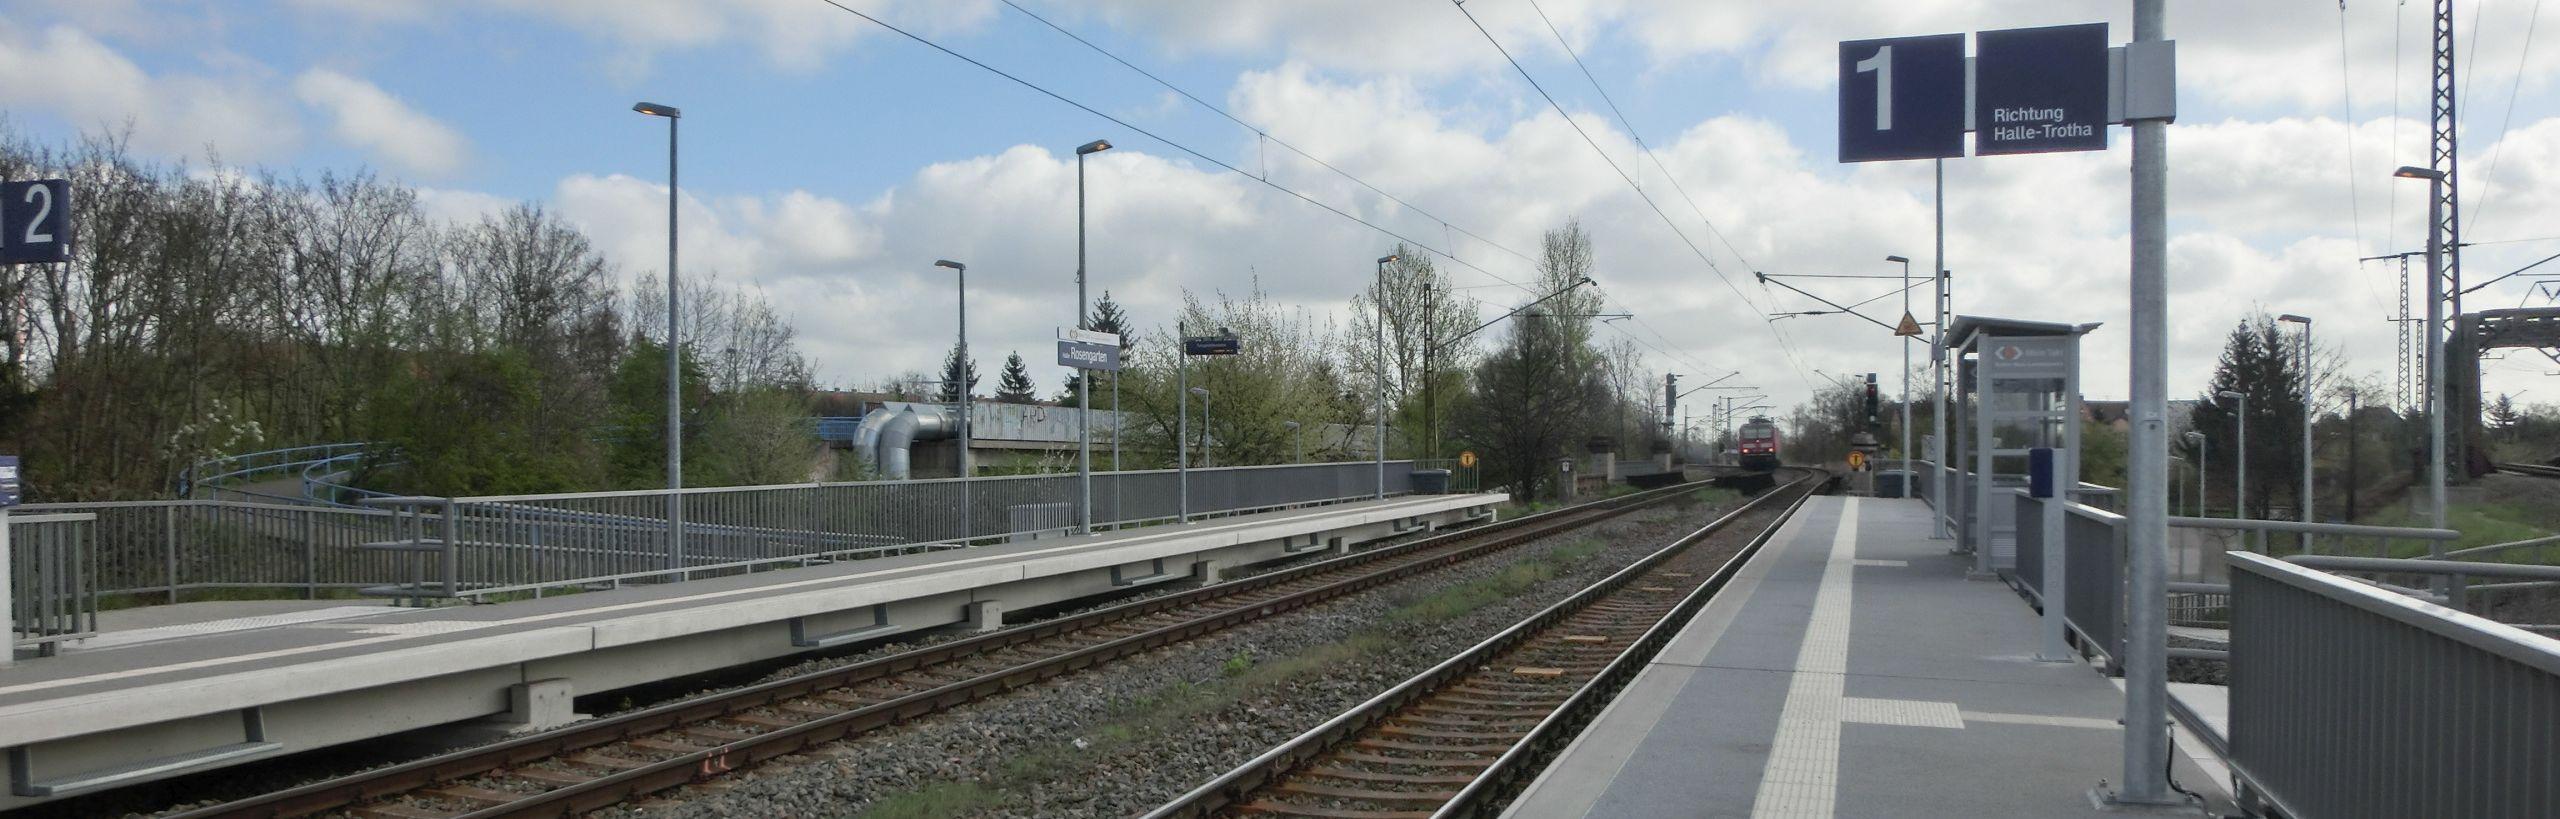 Haltepunkte und Bahnhöfe